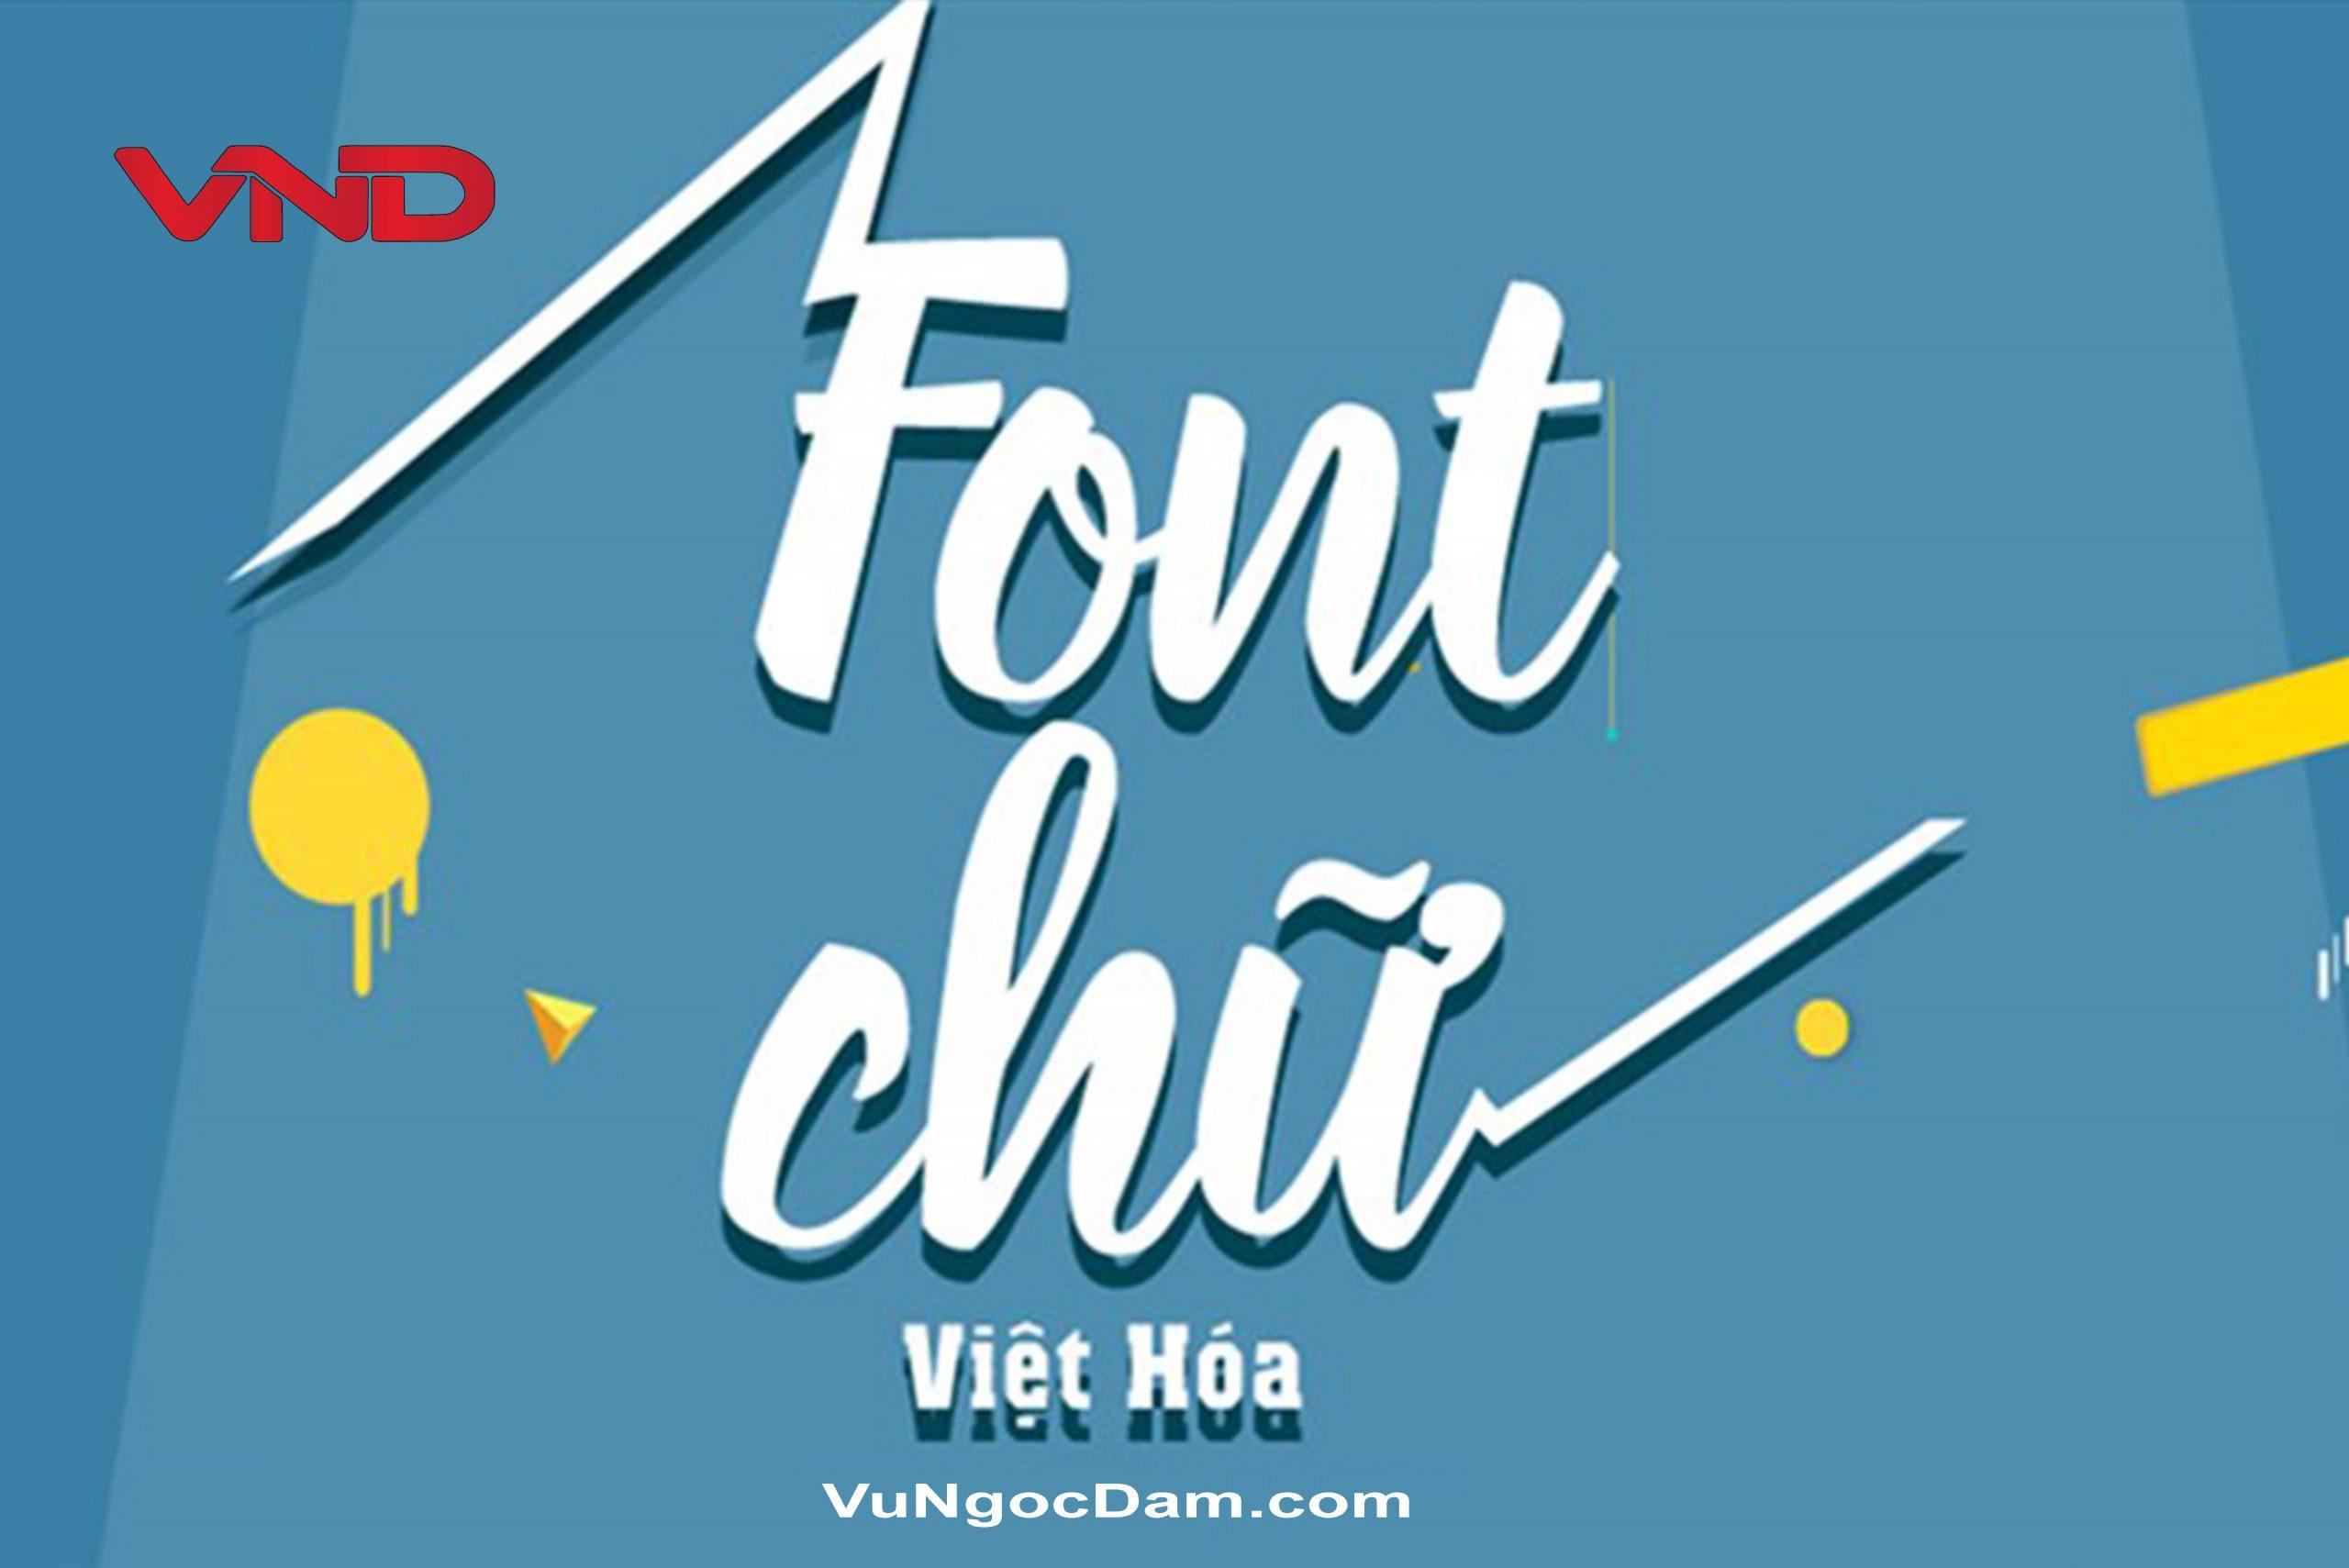 Font chữ Việt hóa độc đáo